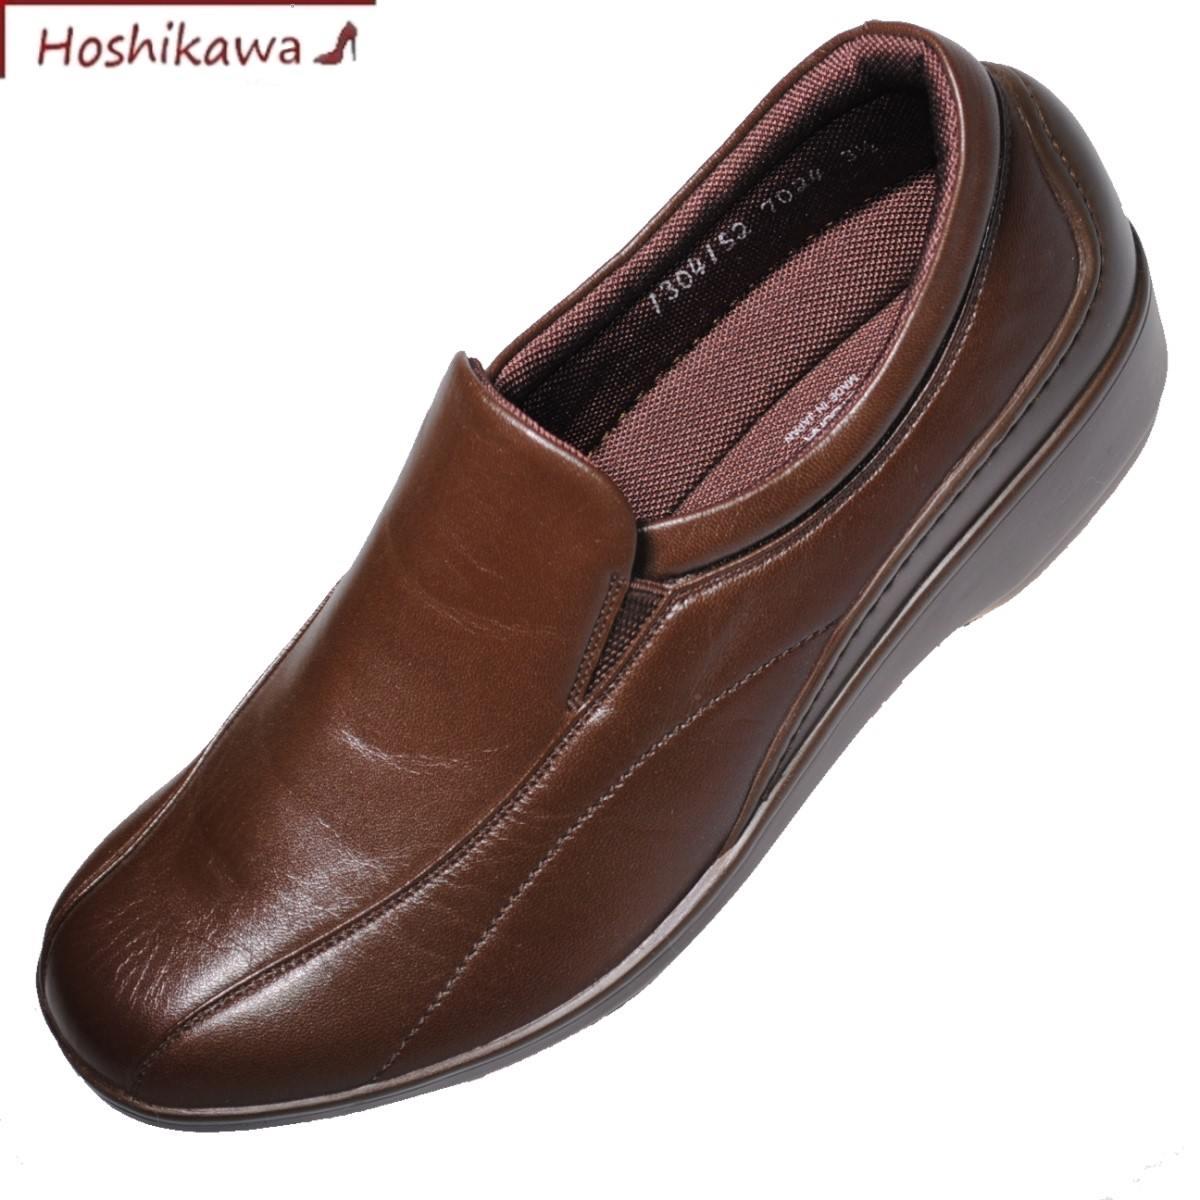 【靴のHOSHIKAWA】 『BON STEP 7024』22cm~25cm コンフォートシューズ